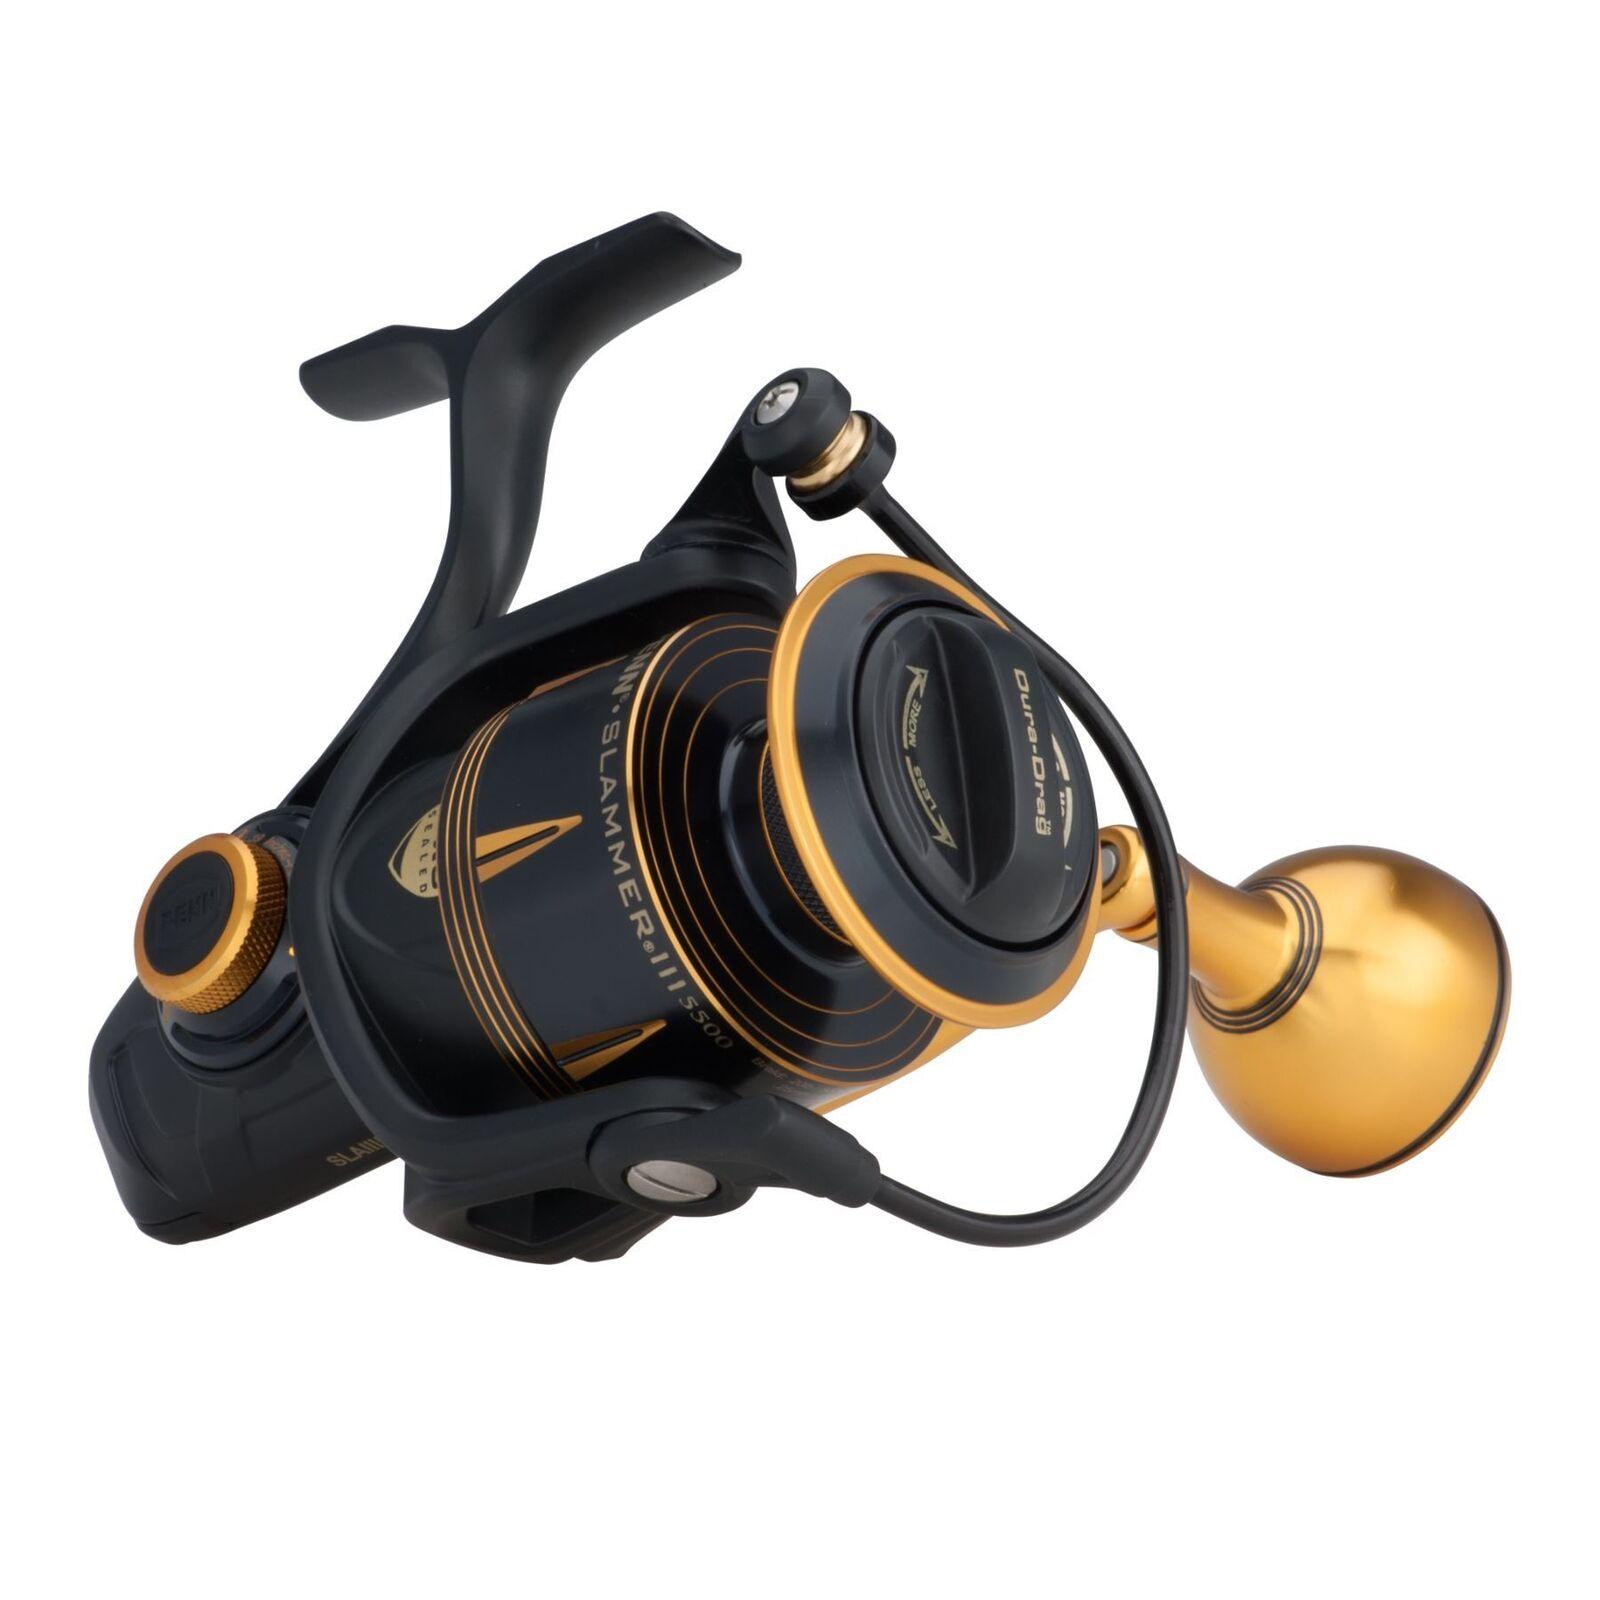 Penn Slammer III 4500   Heavy Duty  Spinning Fishing Reel  online-shop